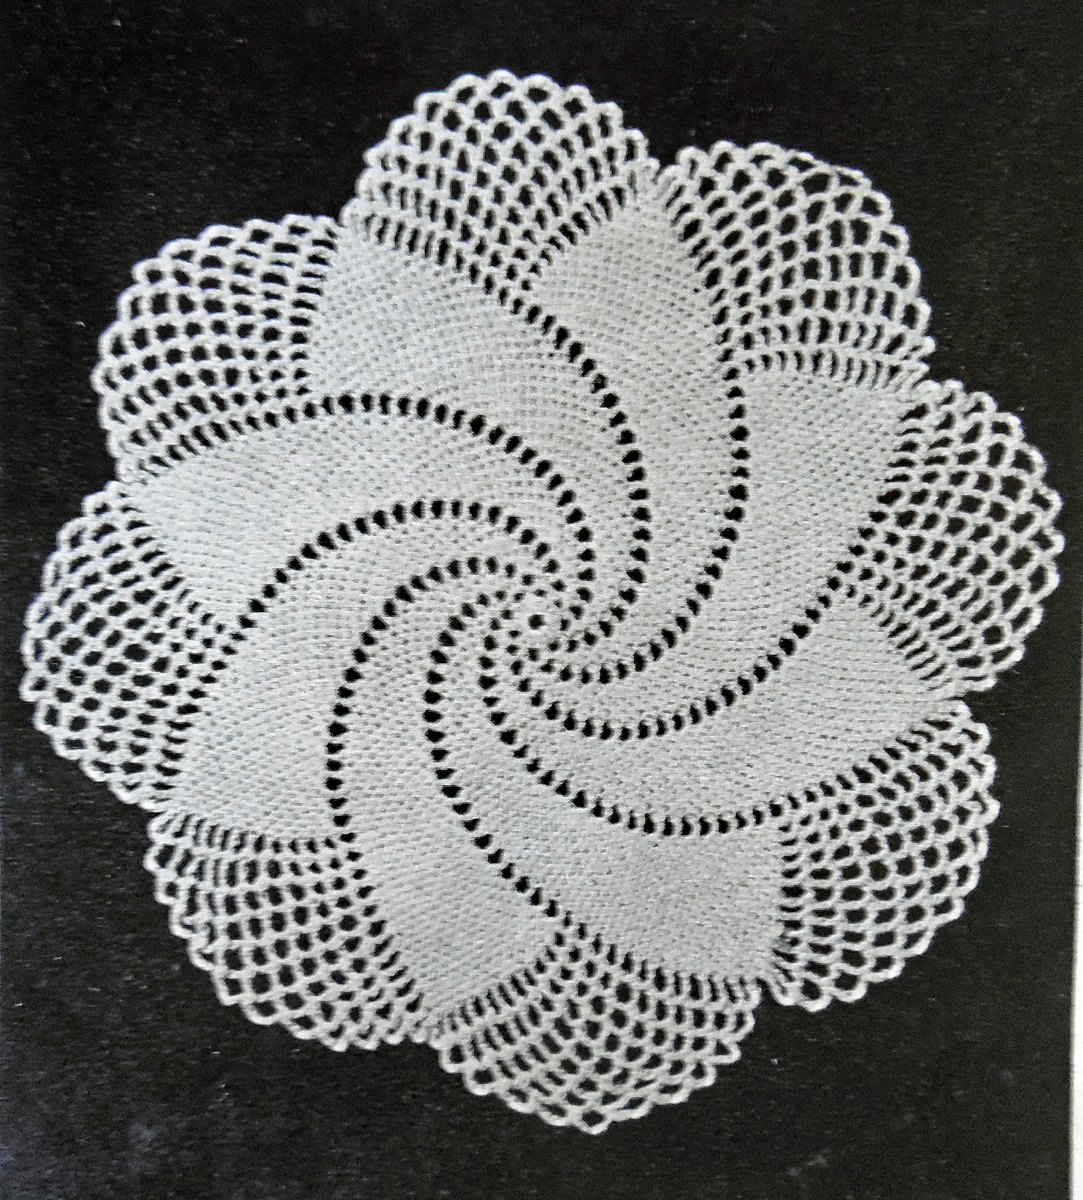 Spiral Doily - 1949 Vintage Crochet Pattern